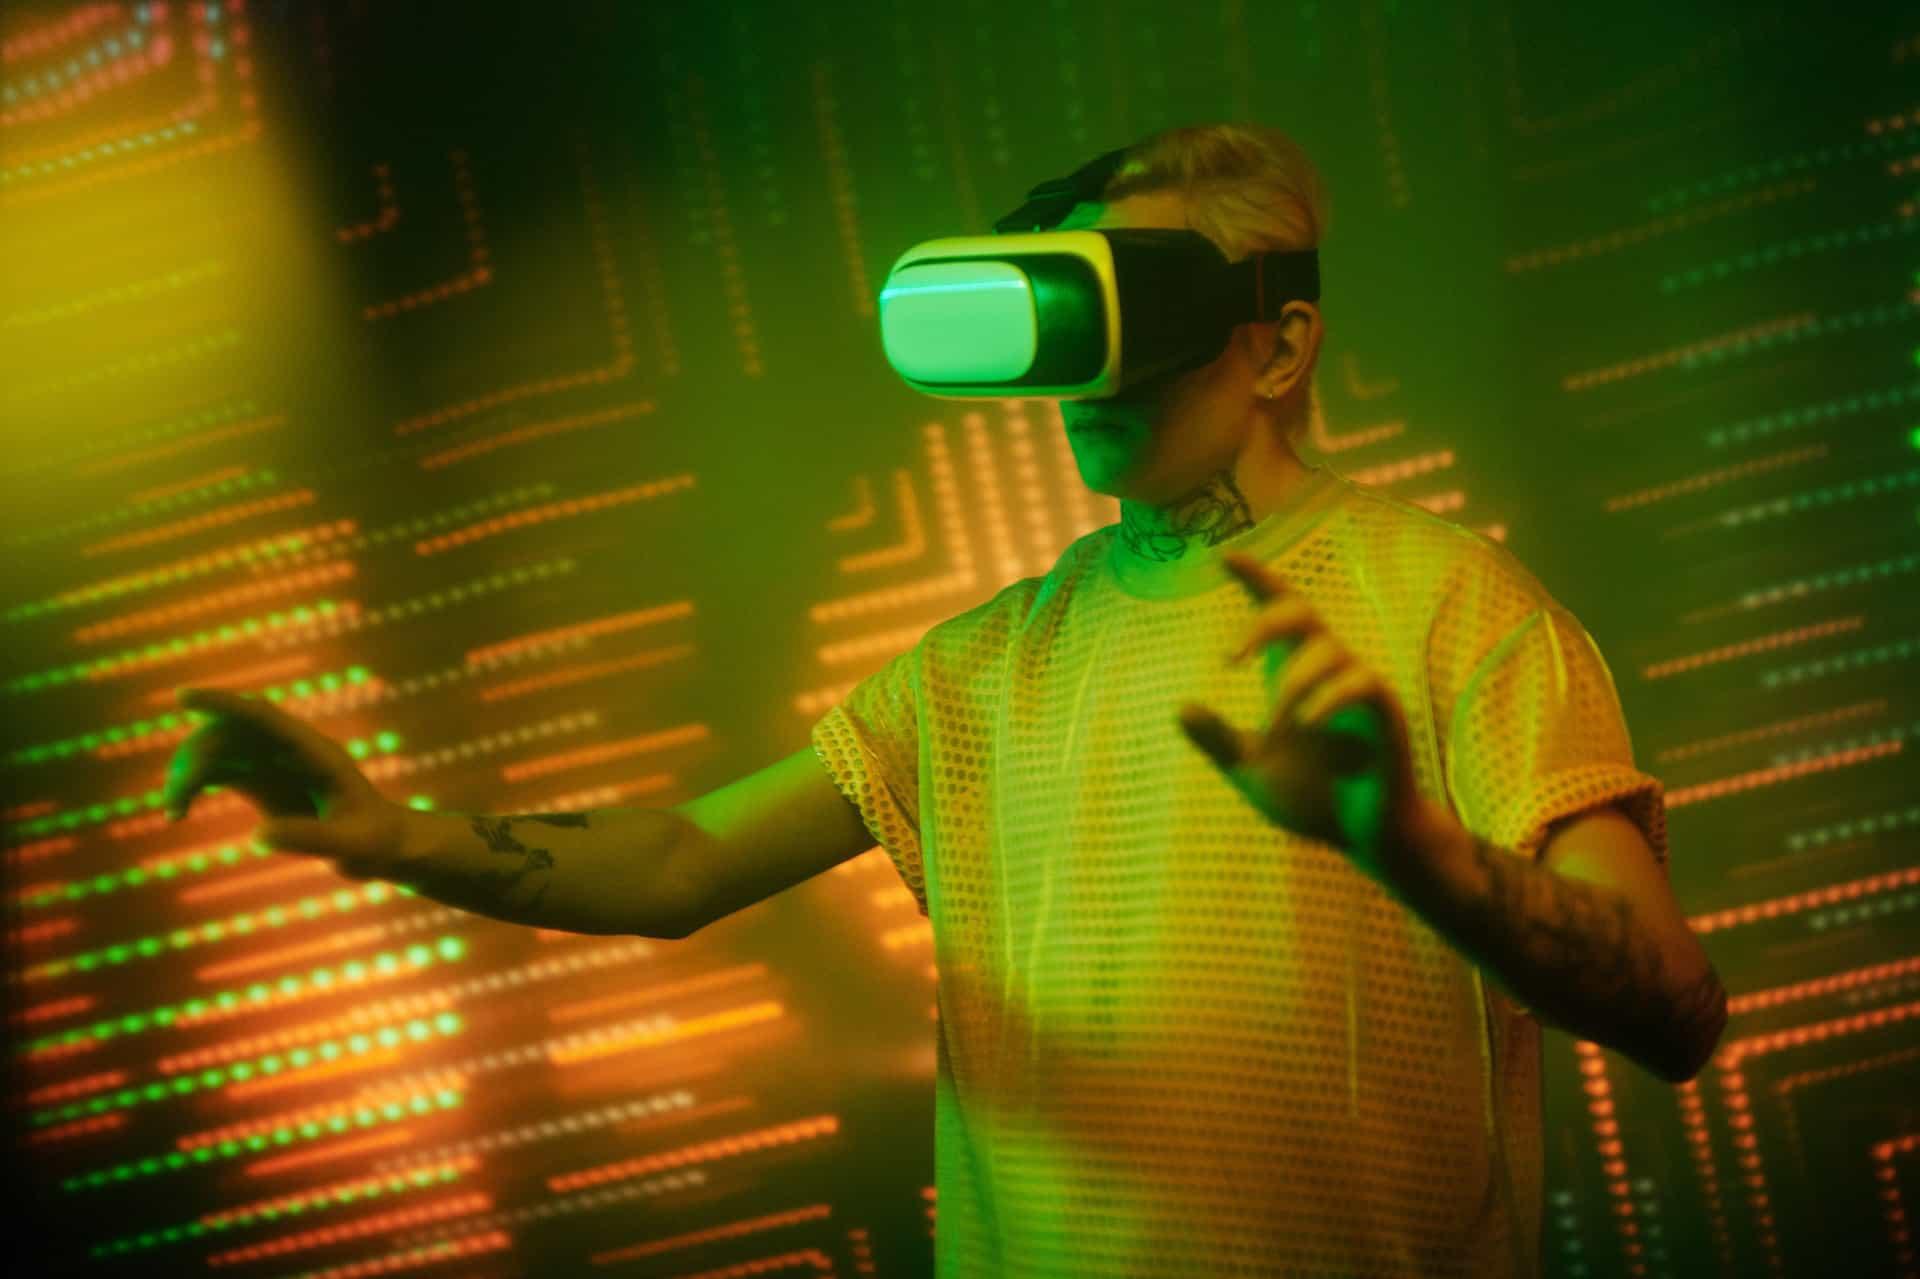 mężczyzna w futurystycznym otoczeniu w okularach vr